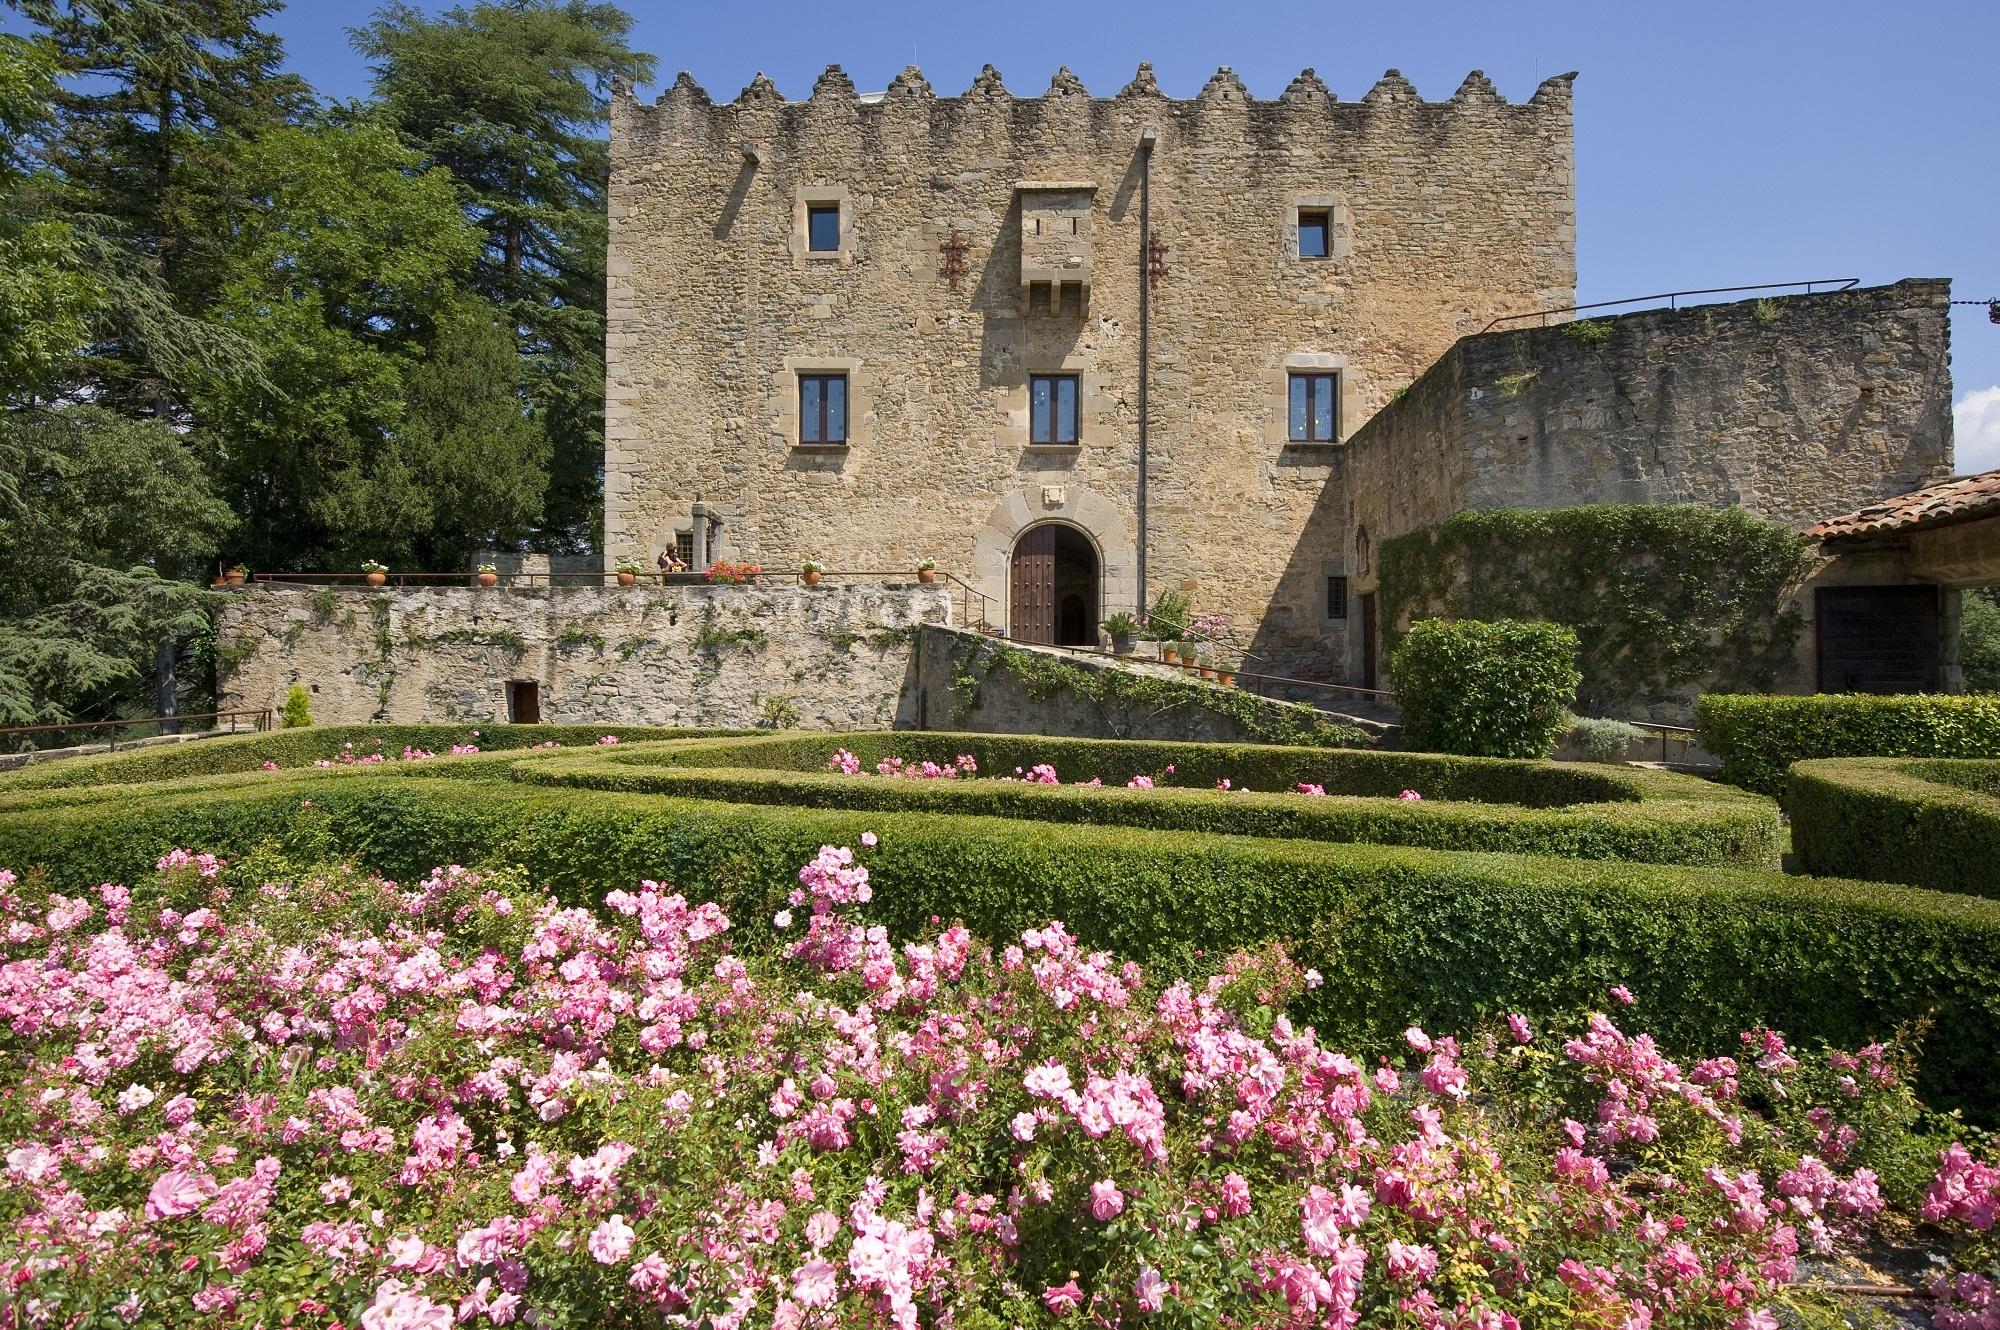 Museus i castells a la vora del Ter